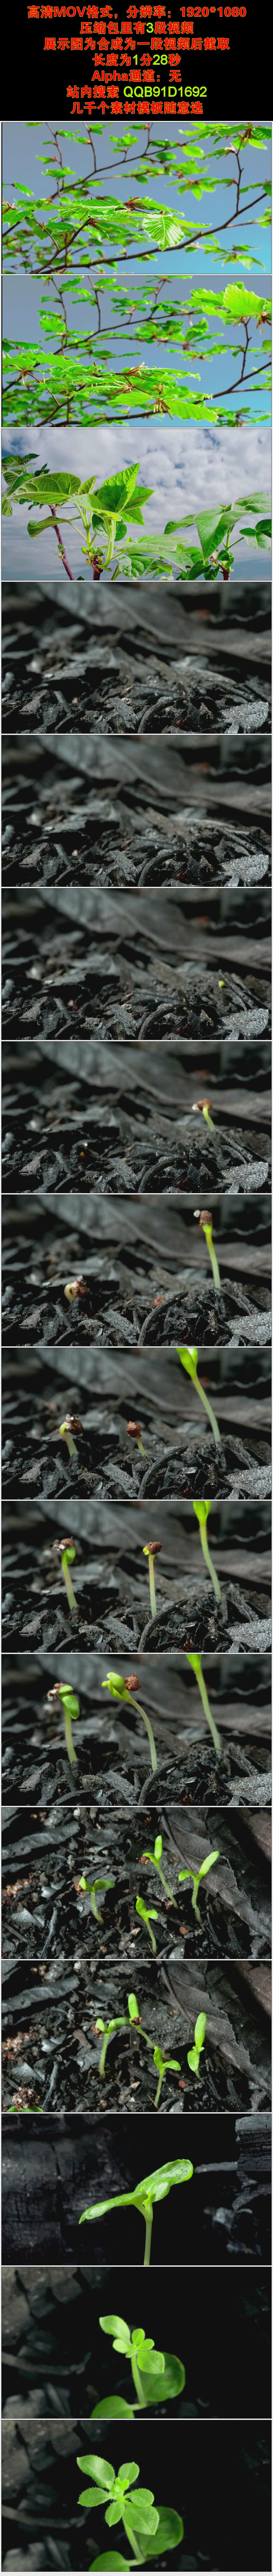 树枝树芽发芽生长春天春季高清实拍视频素材